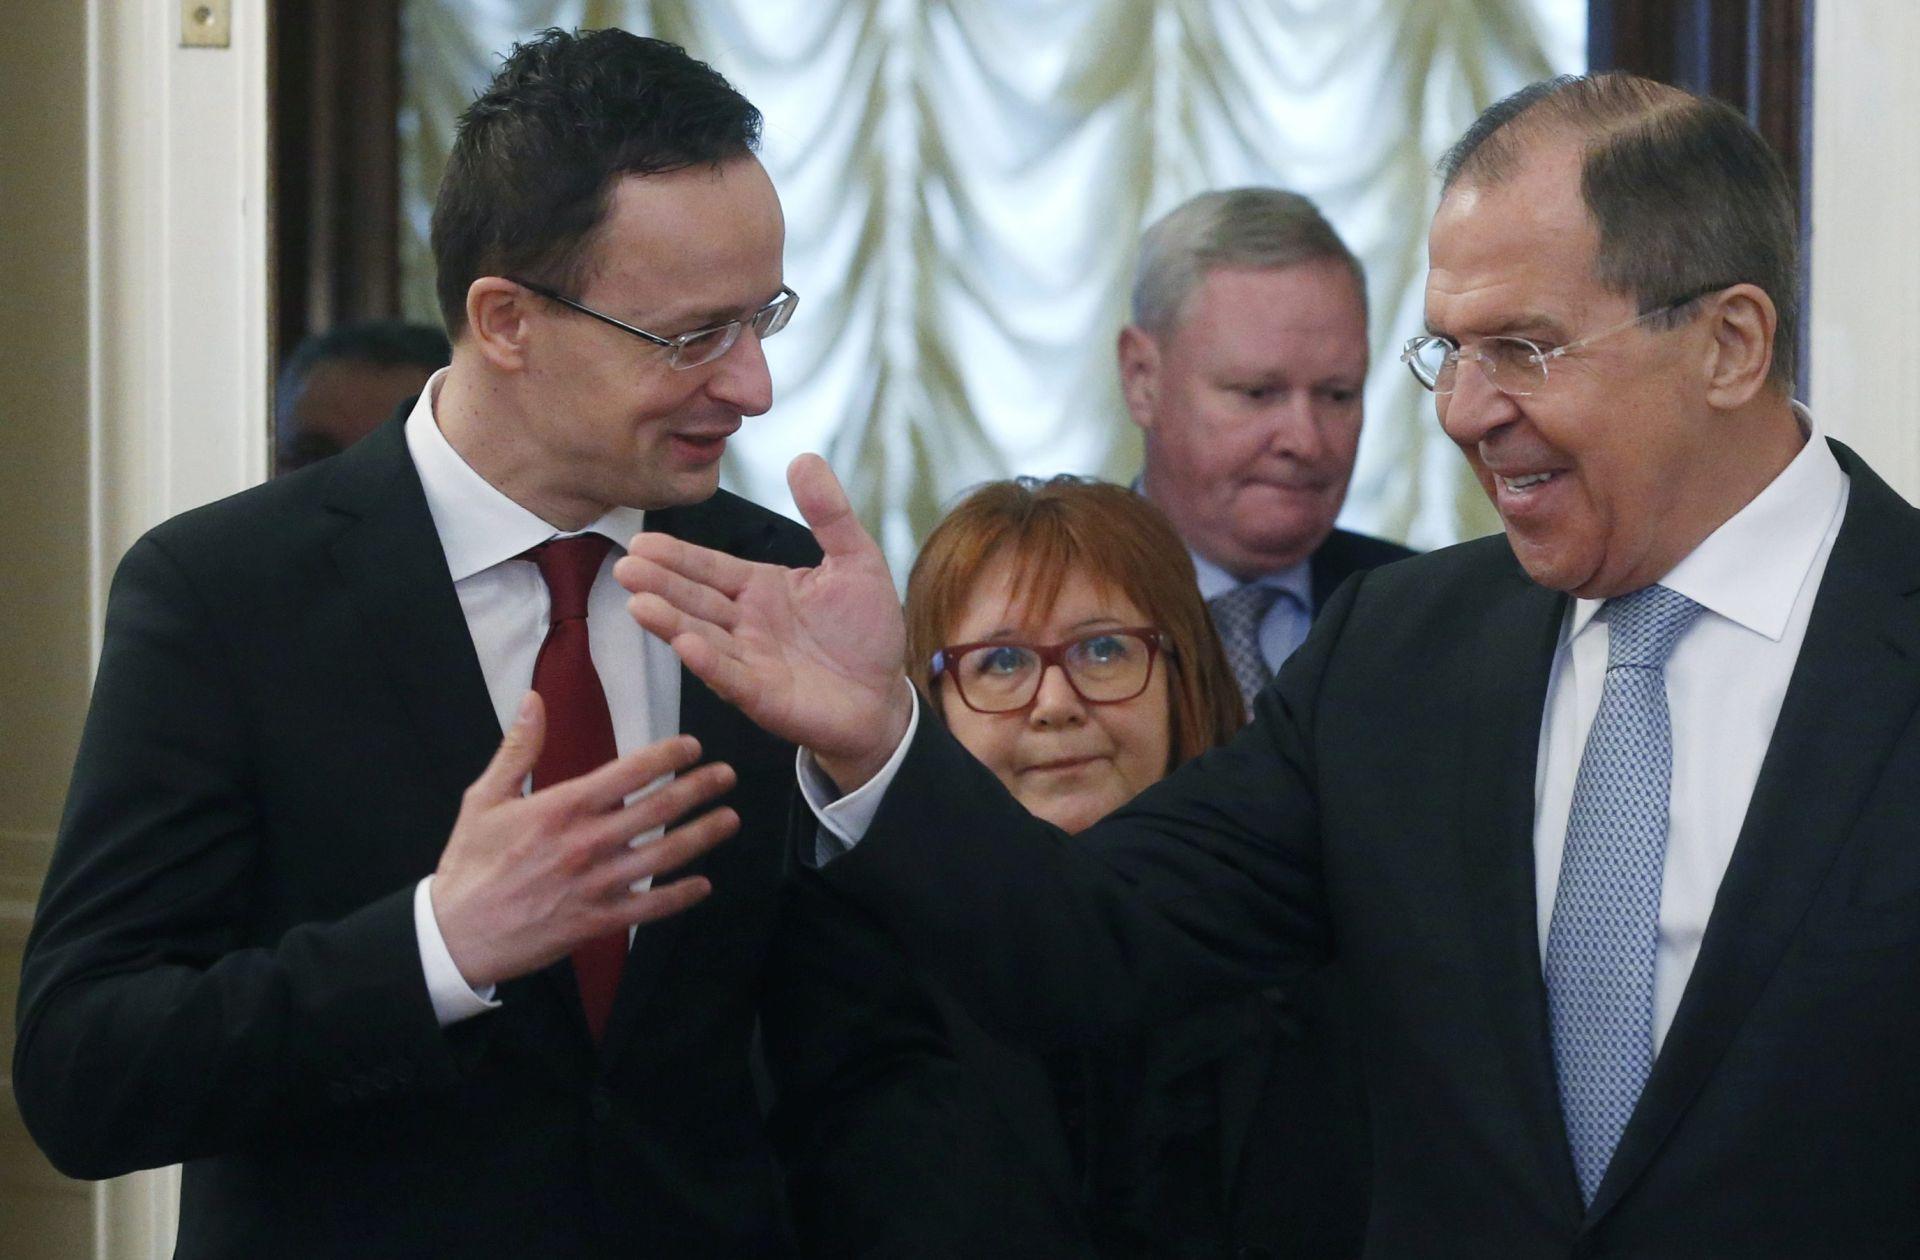 Mađarska za bliskije odnose s Rusijom, očekuje 'bitno poboljšanje' veza sa SAD-om